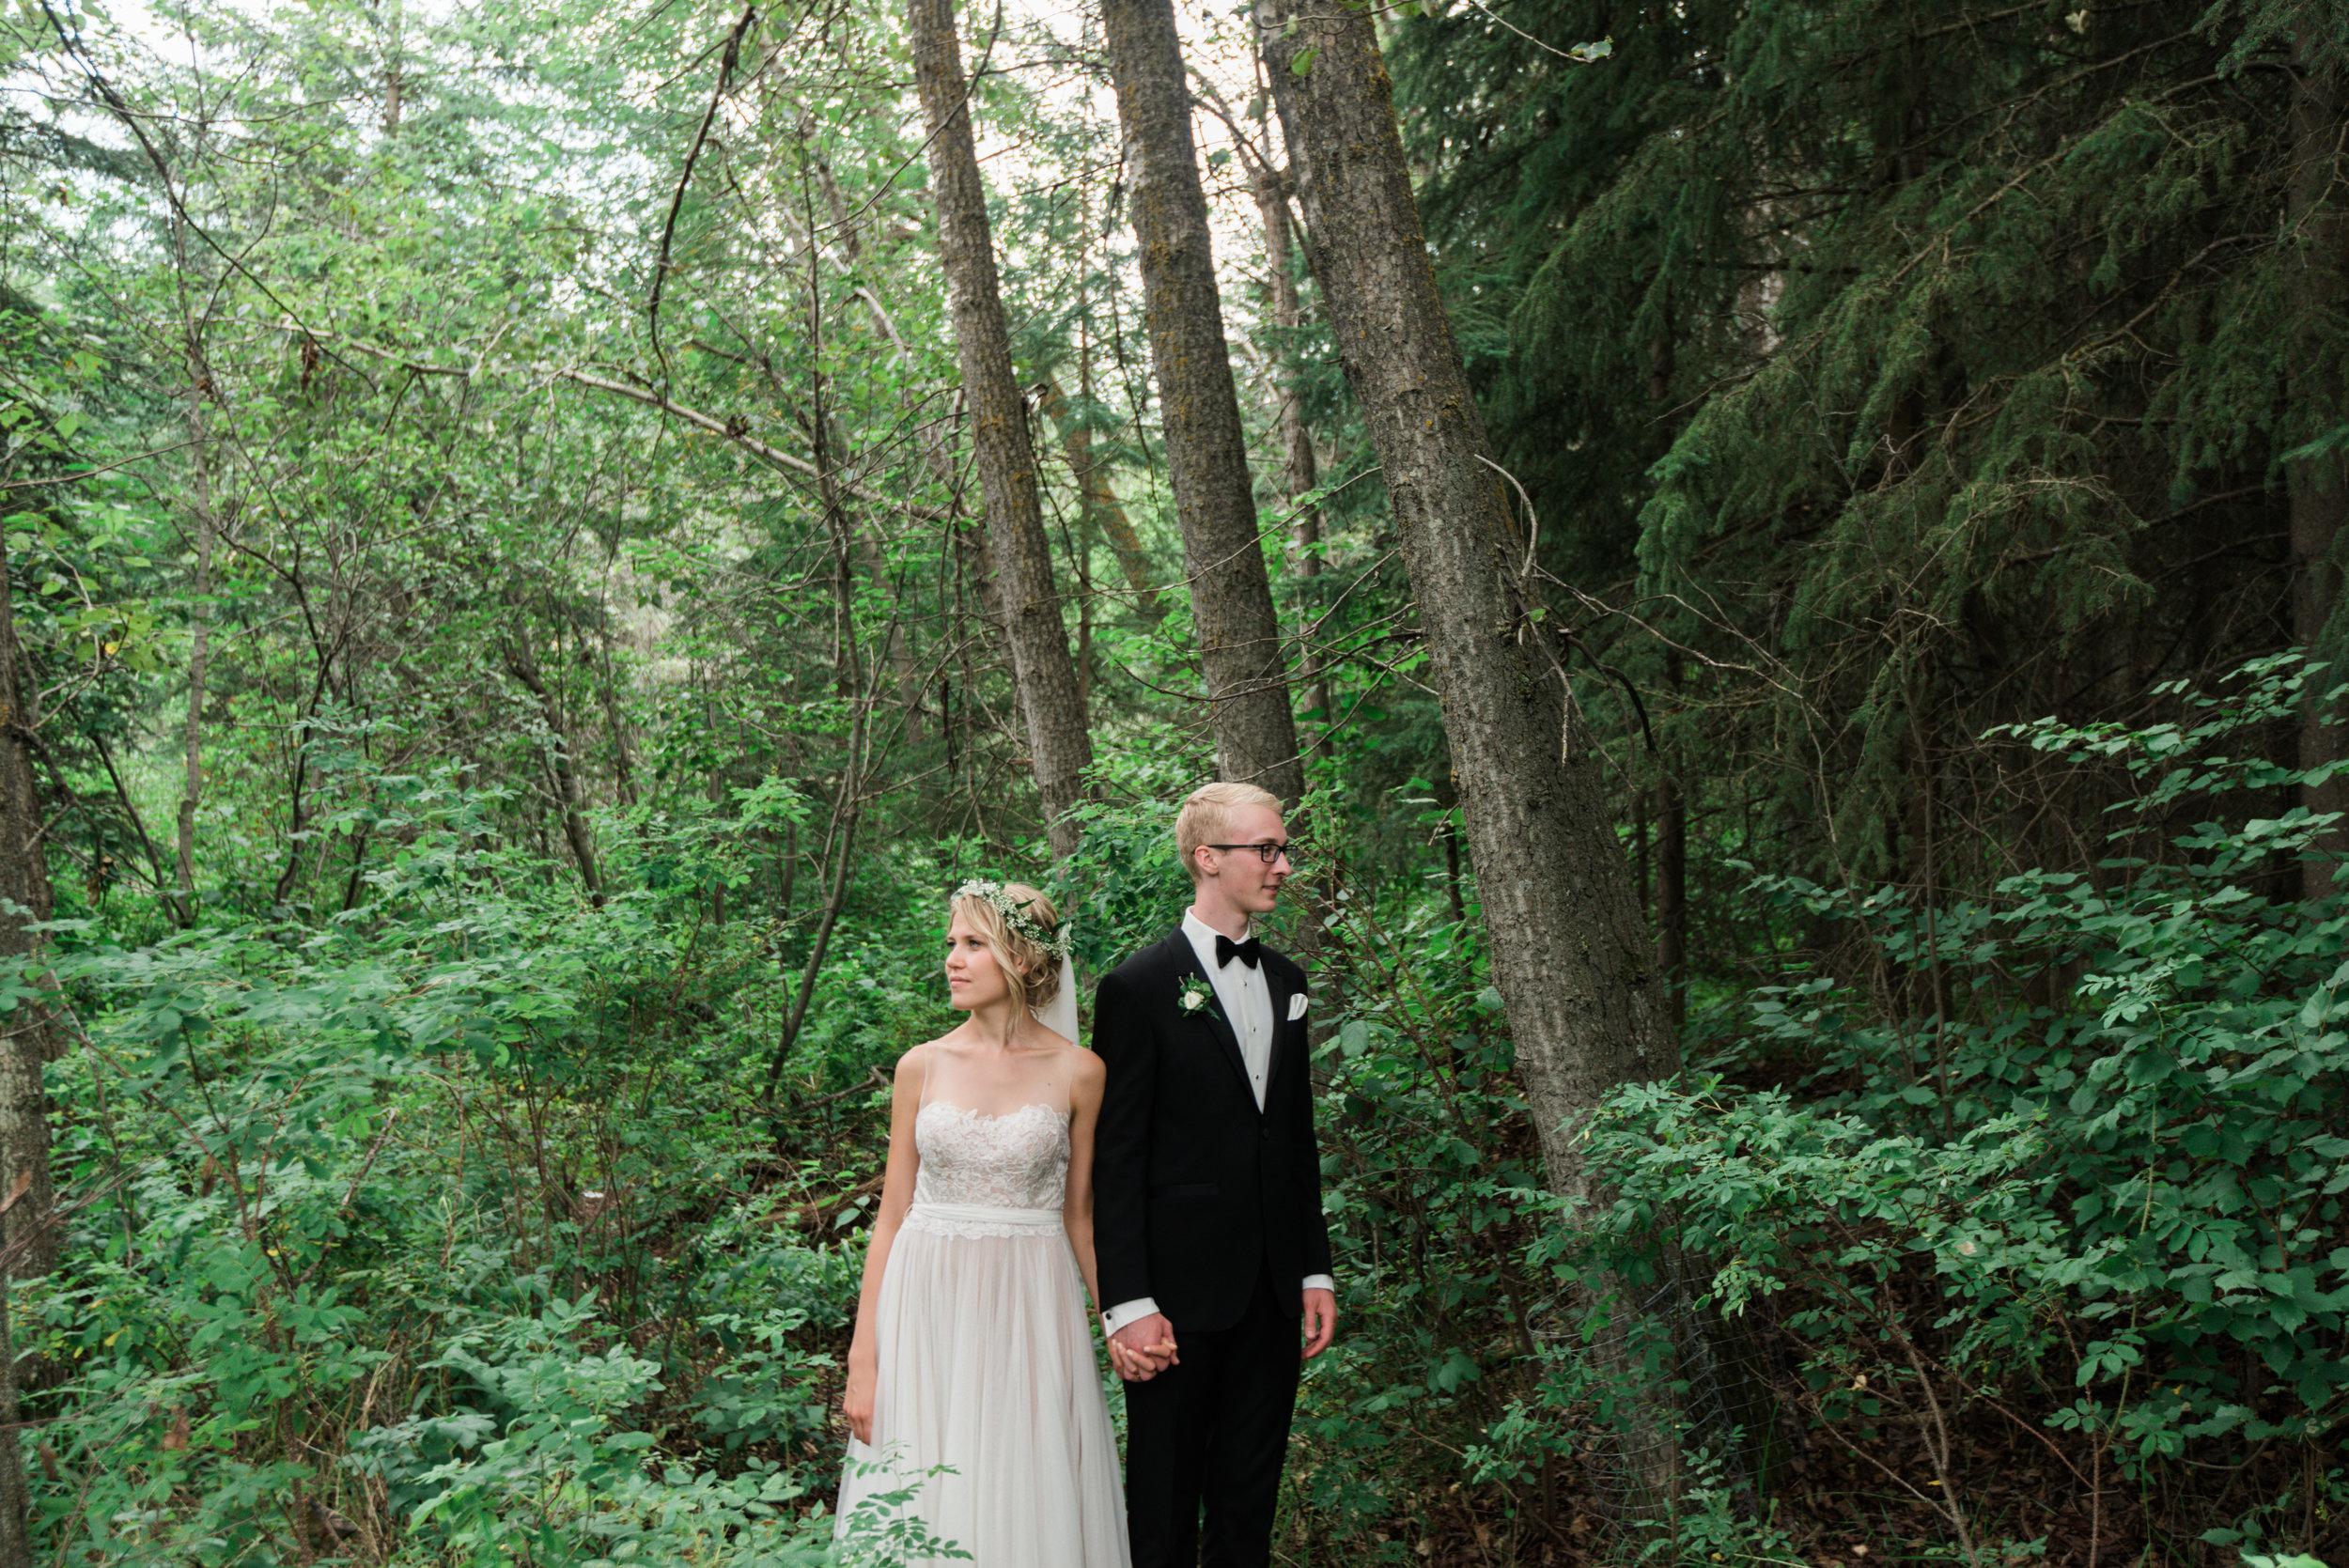 sheldon & amy // married